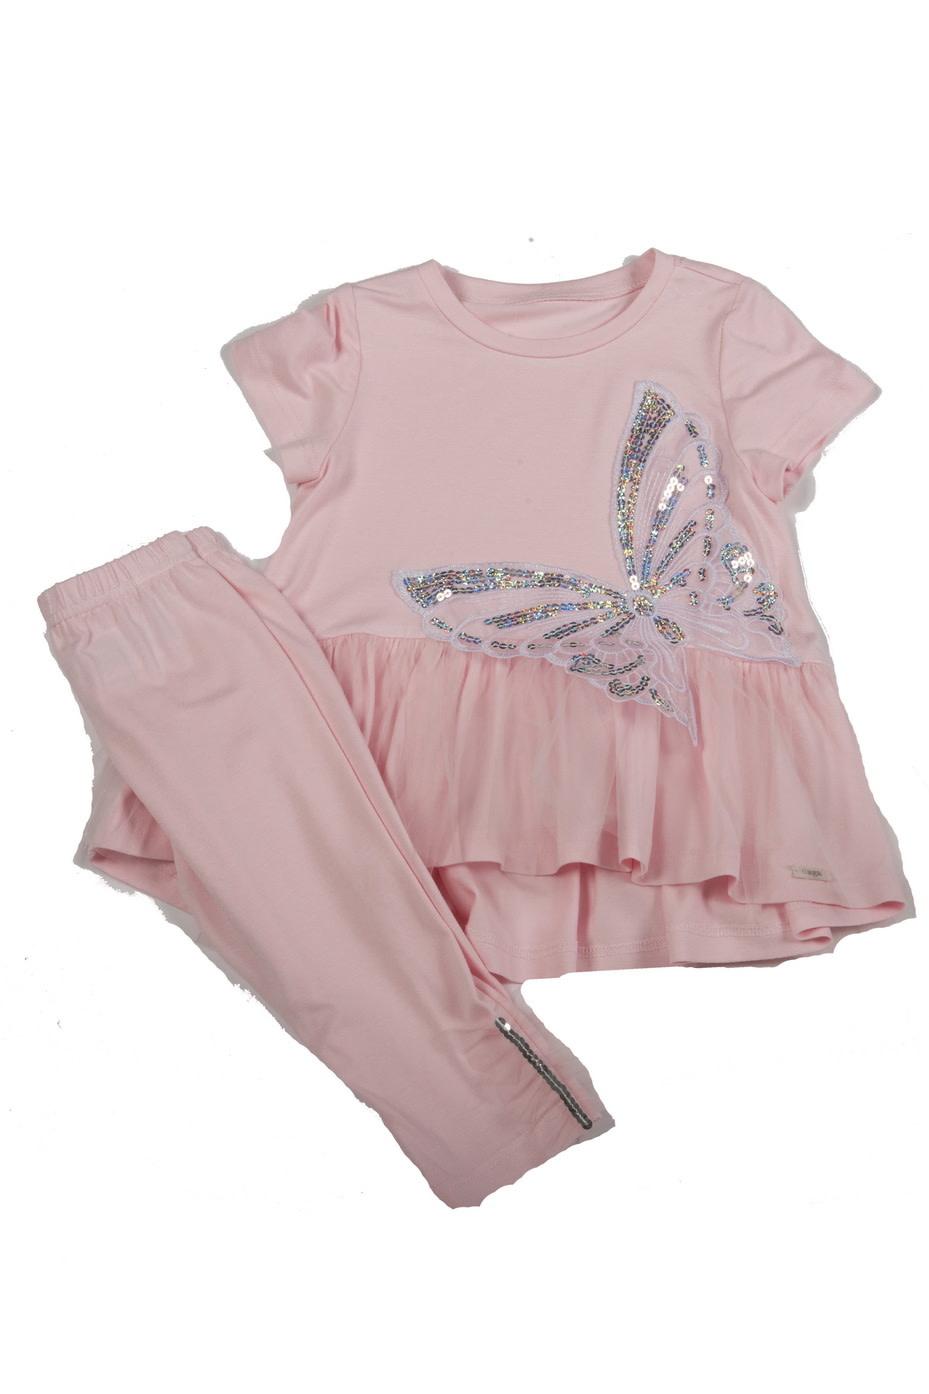 Daga Daga  Butterfly Legging Set 8284 S21